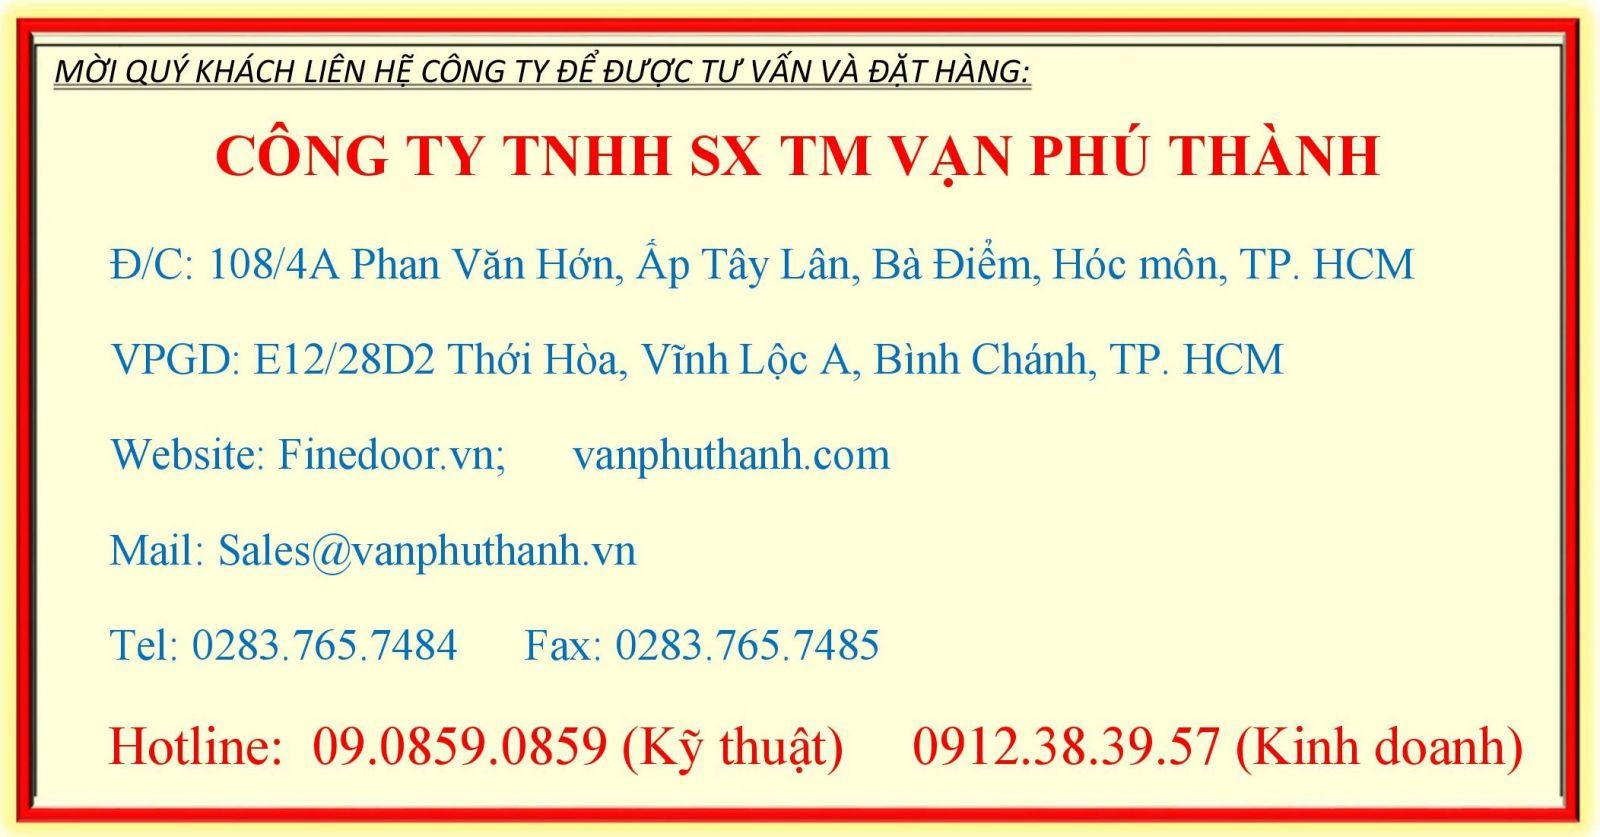 Thong tin Cong ty Van Phu Thanh